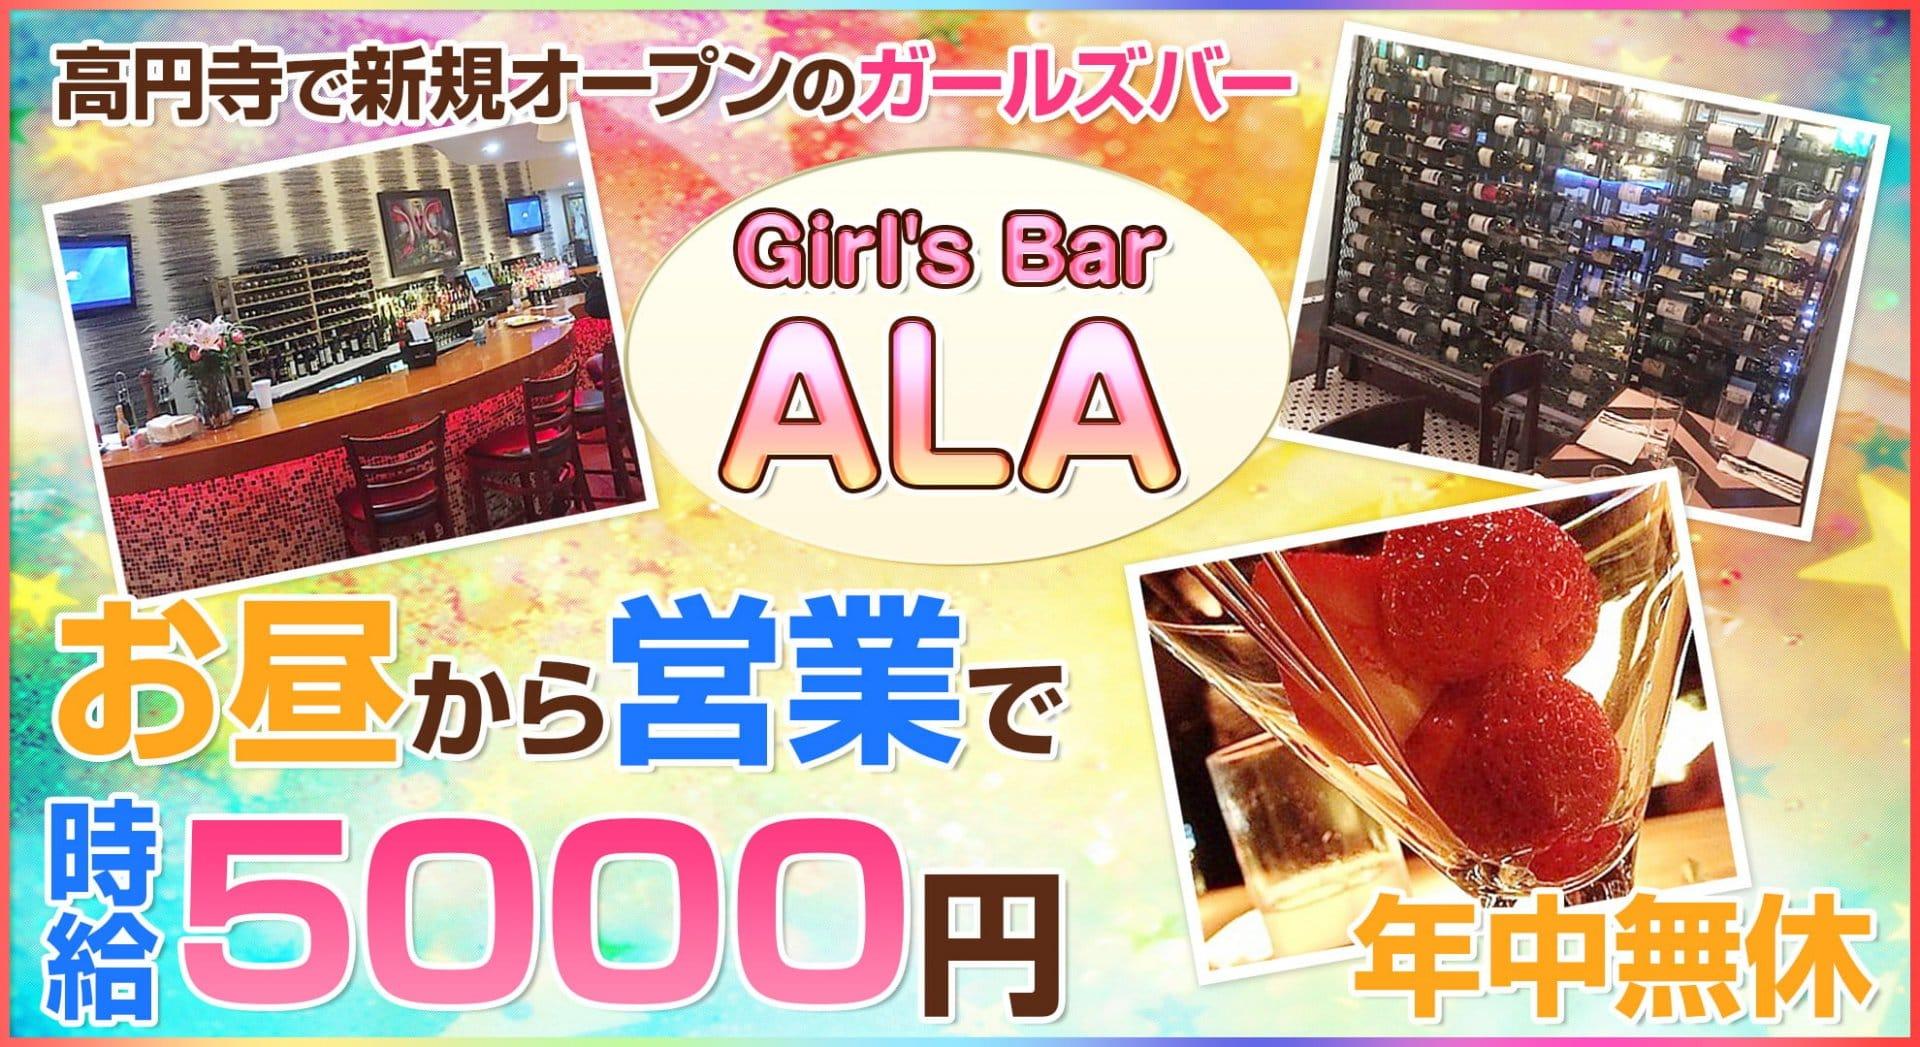 GirlsBar ALA(アーラ)【公式求人・体入情報】 高円寺ガールズバー TOP画像